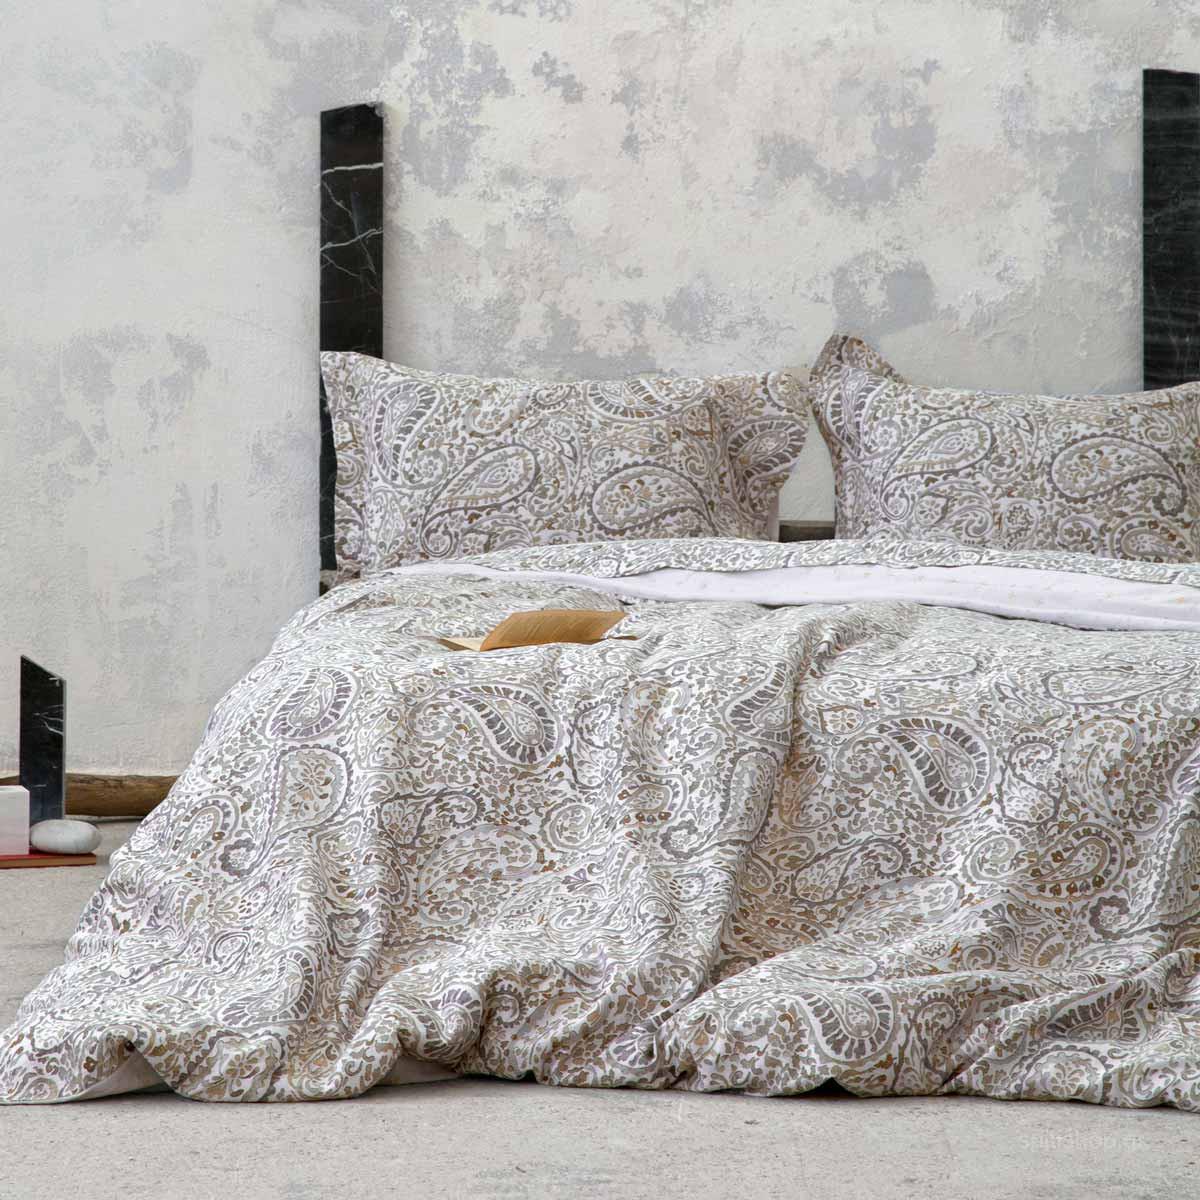 Σεντόνια King Size (Σετ) Nima Bed Linen Giacomo Beige ΧΩΡΙΣ ΛΑΣΤΙΧΟ 270×280 ΧΩΡΙΣ ΛΑΣΤΙΧΟ 270×280